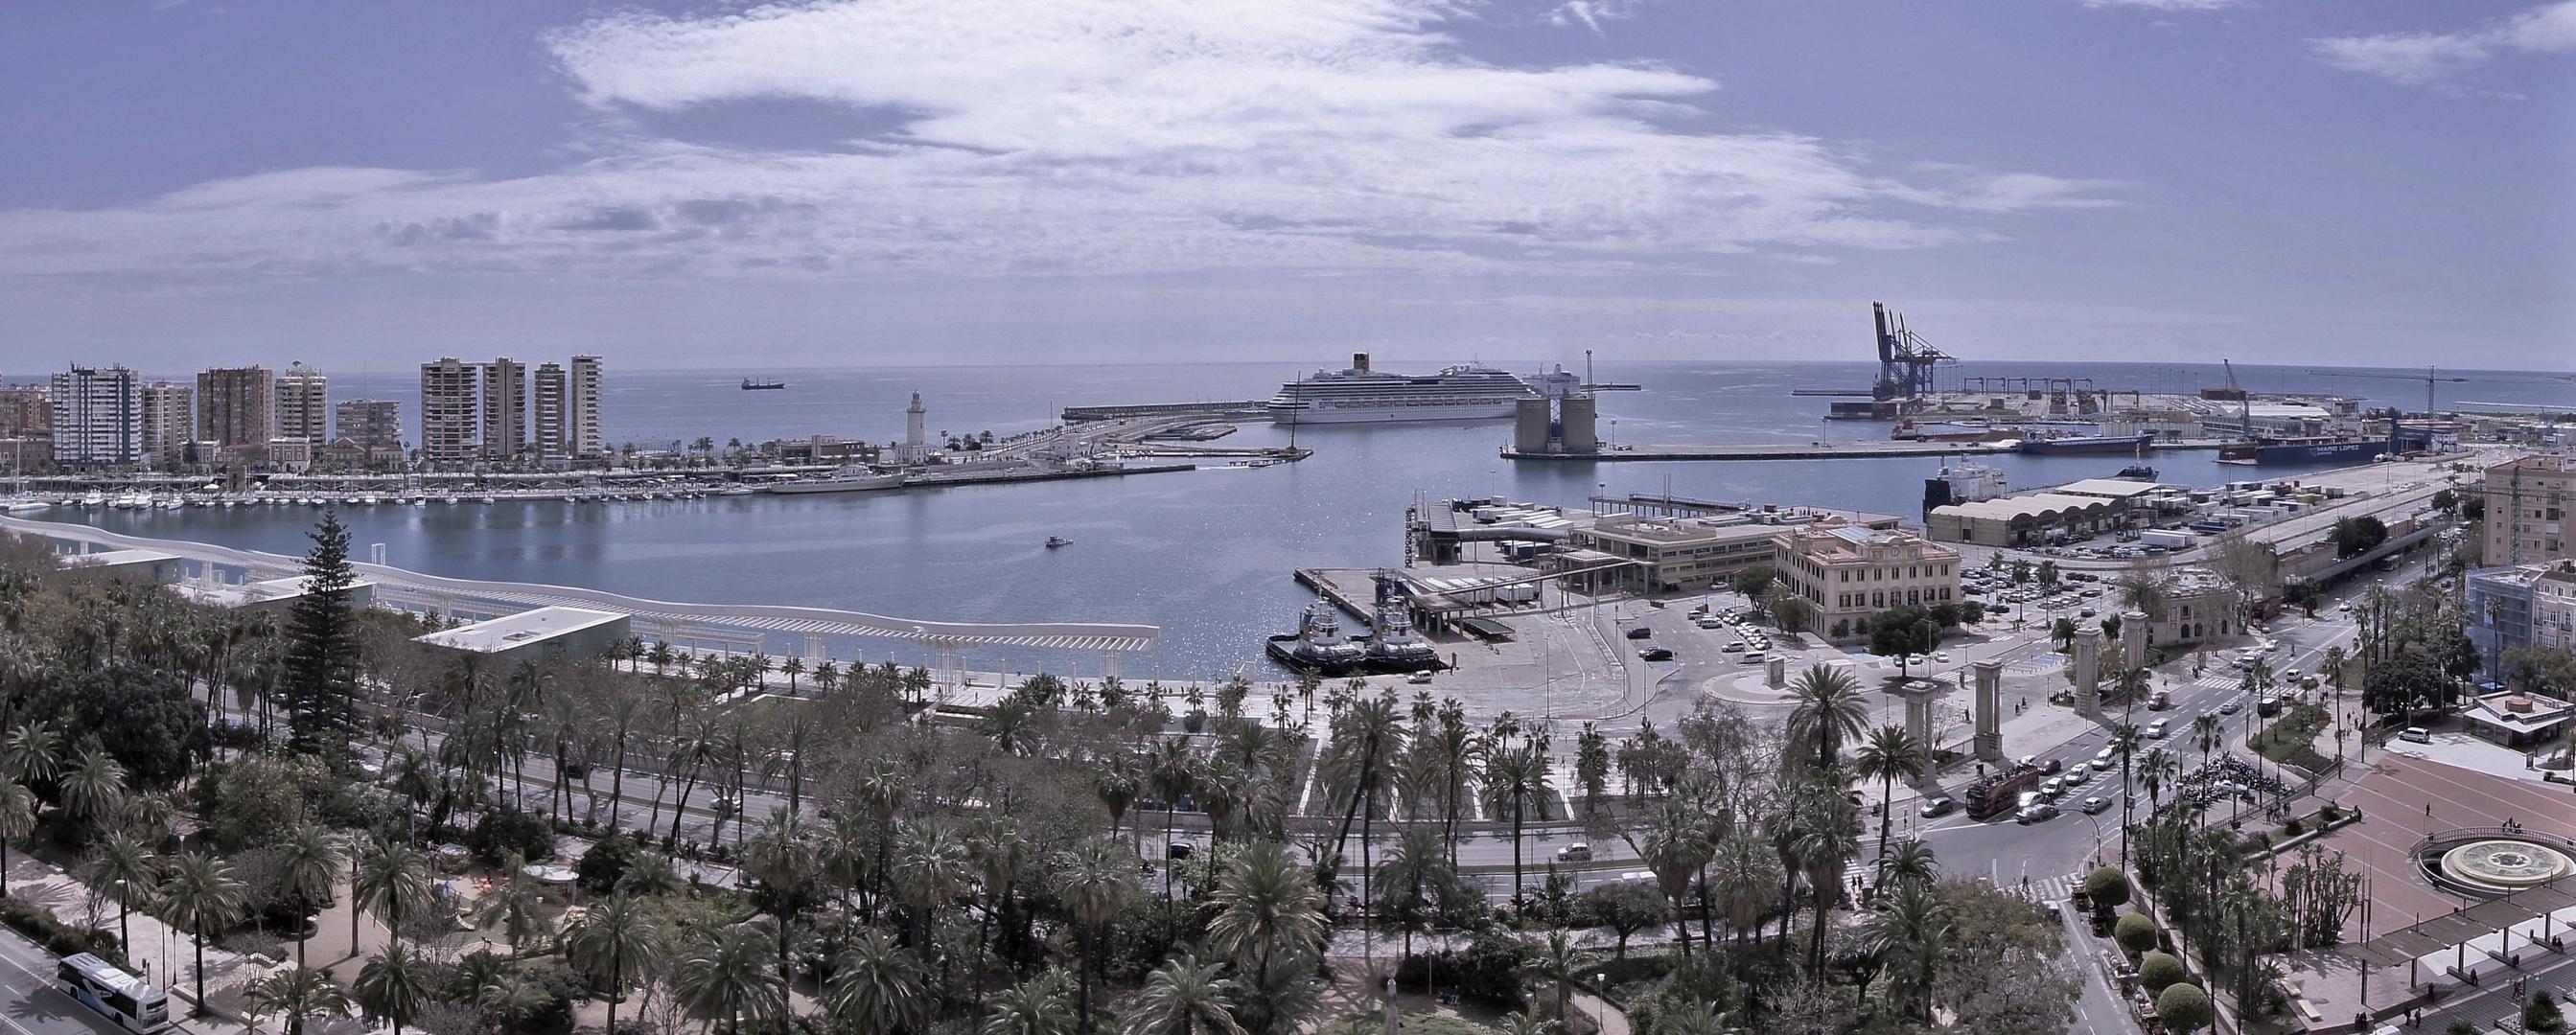 Todo el puerto a simple vista